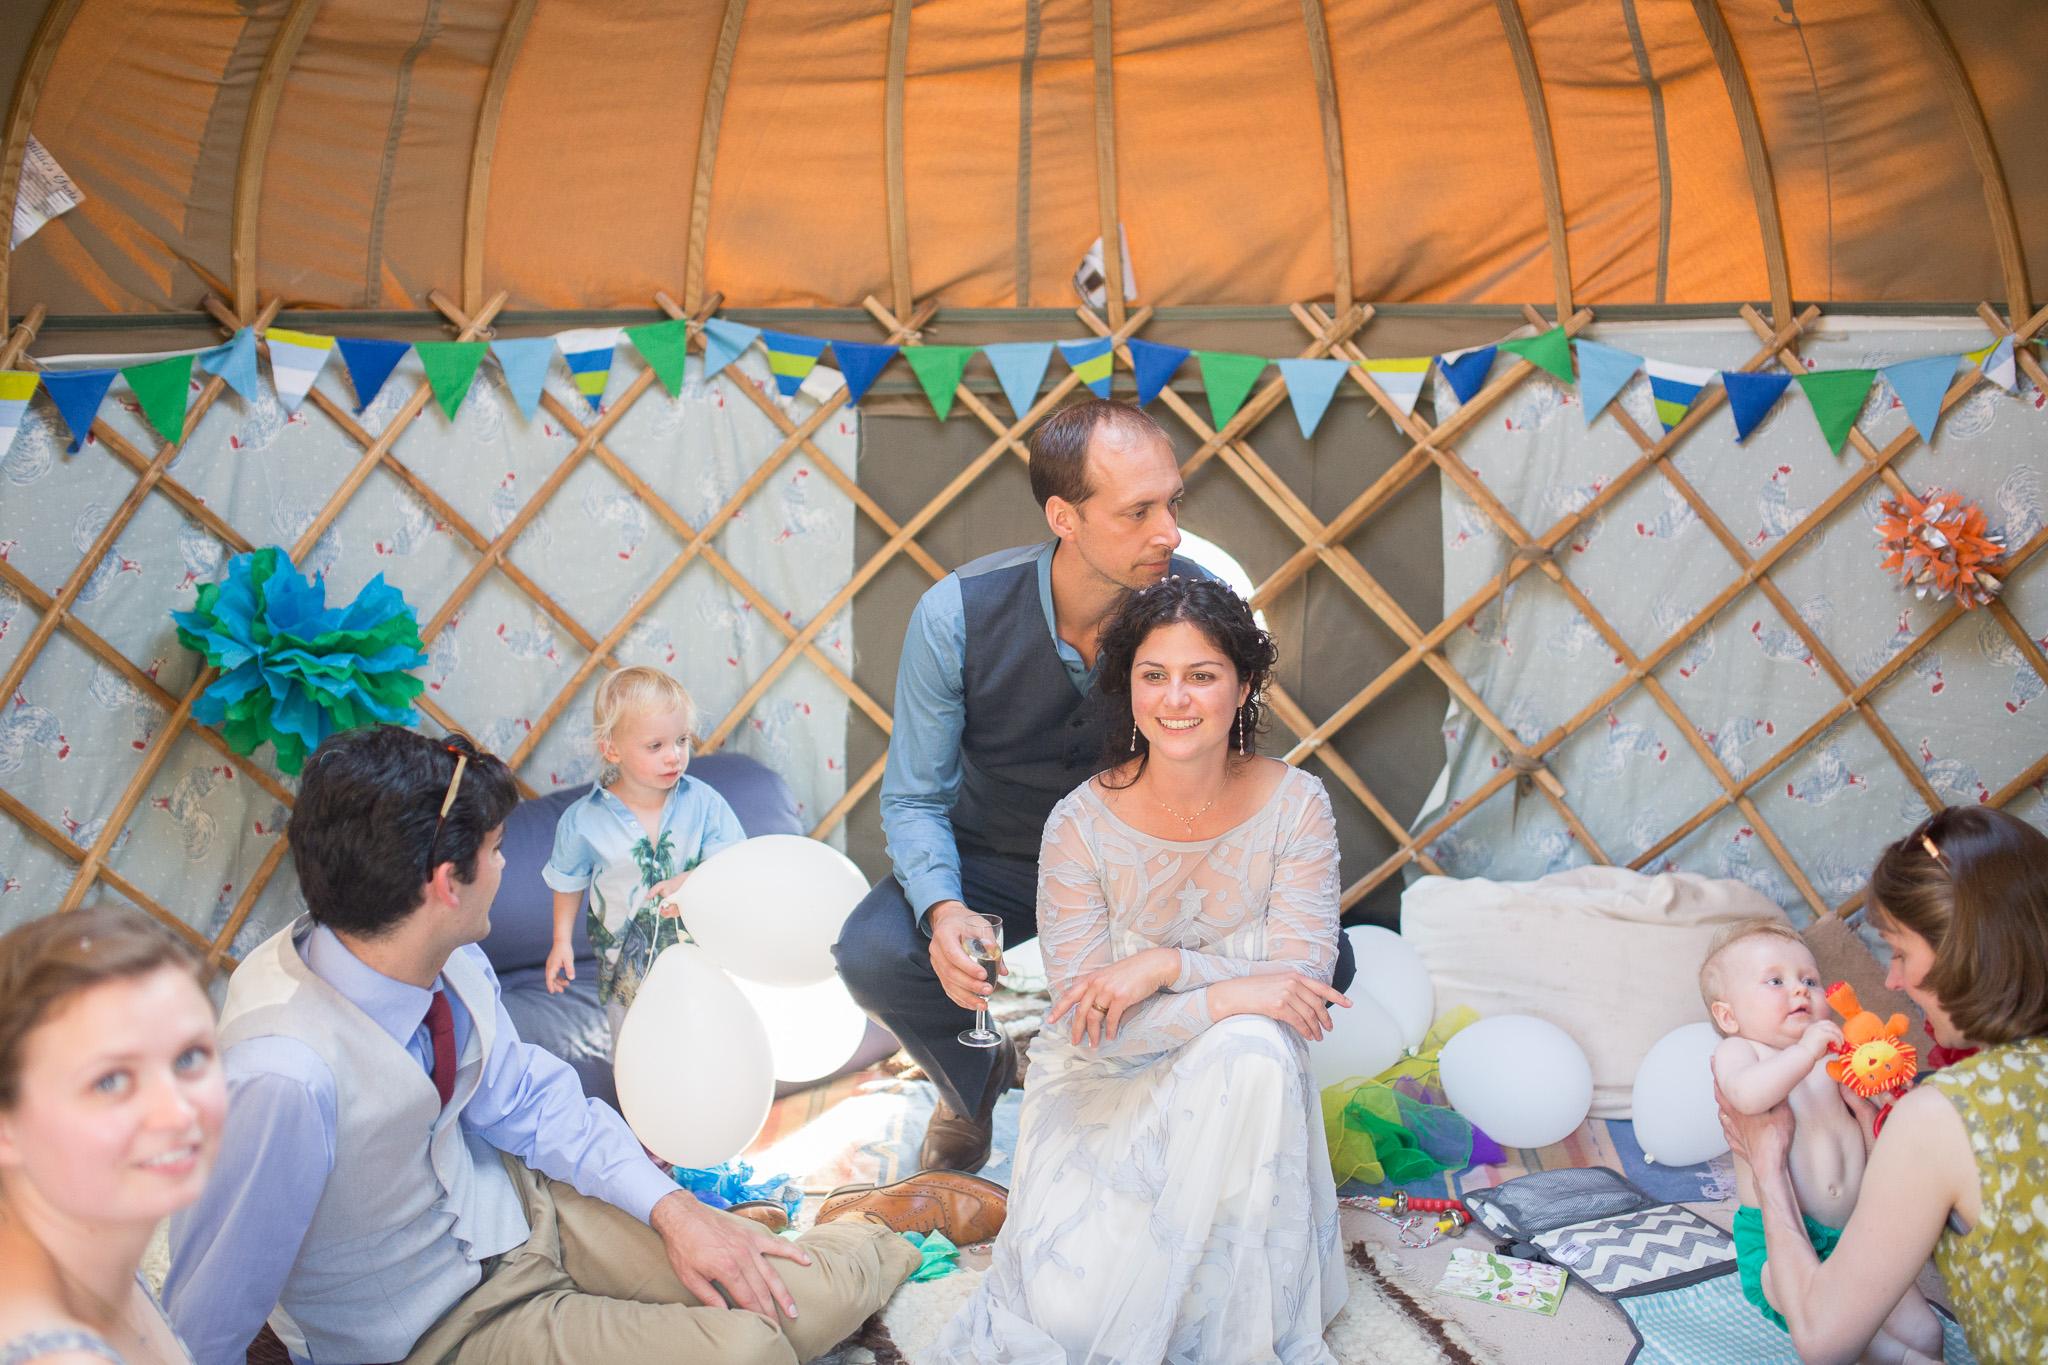 Elisa-Ryan-Rustic-Wedding-Blog-146.jpg